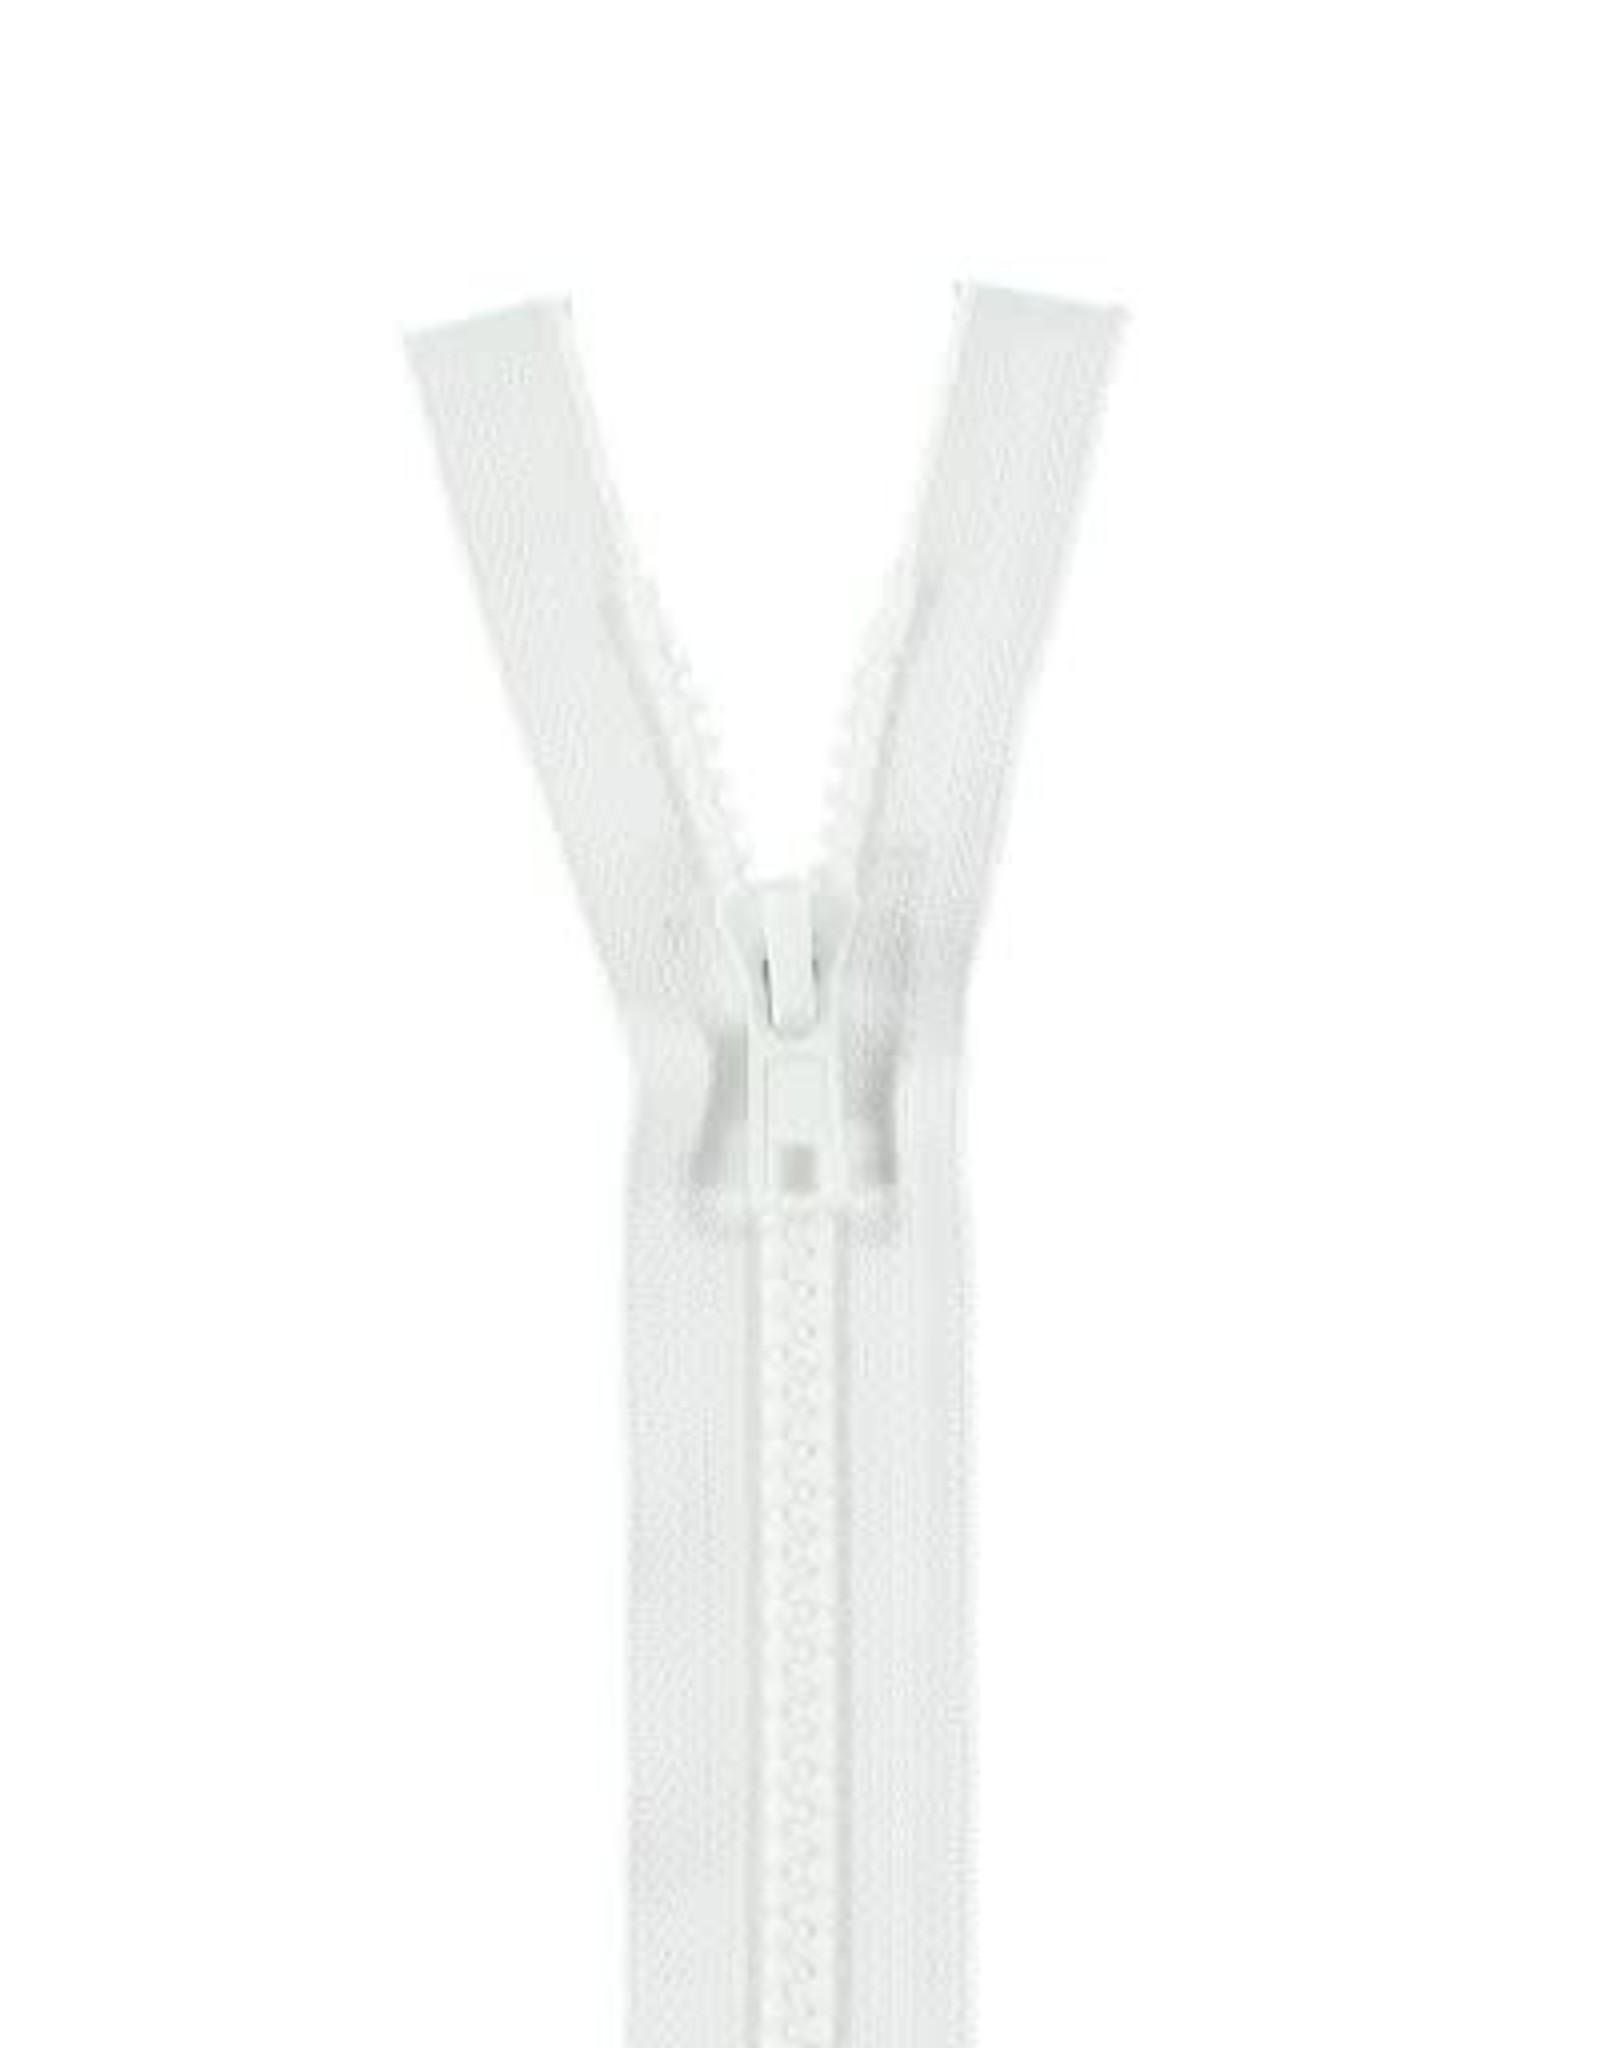 YKK BLOKRITS 5 DEELBAAR wit 501-60cm